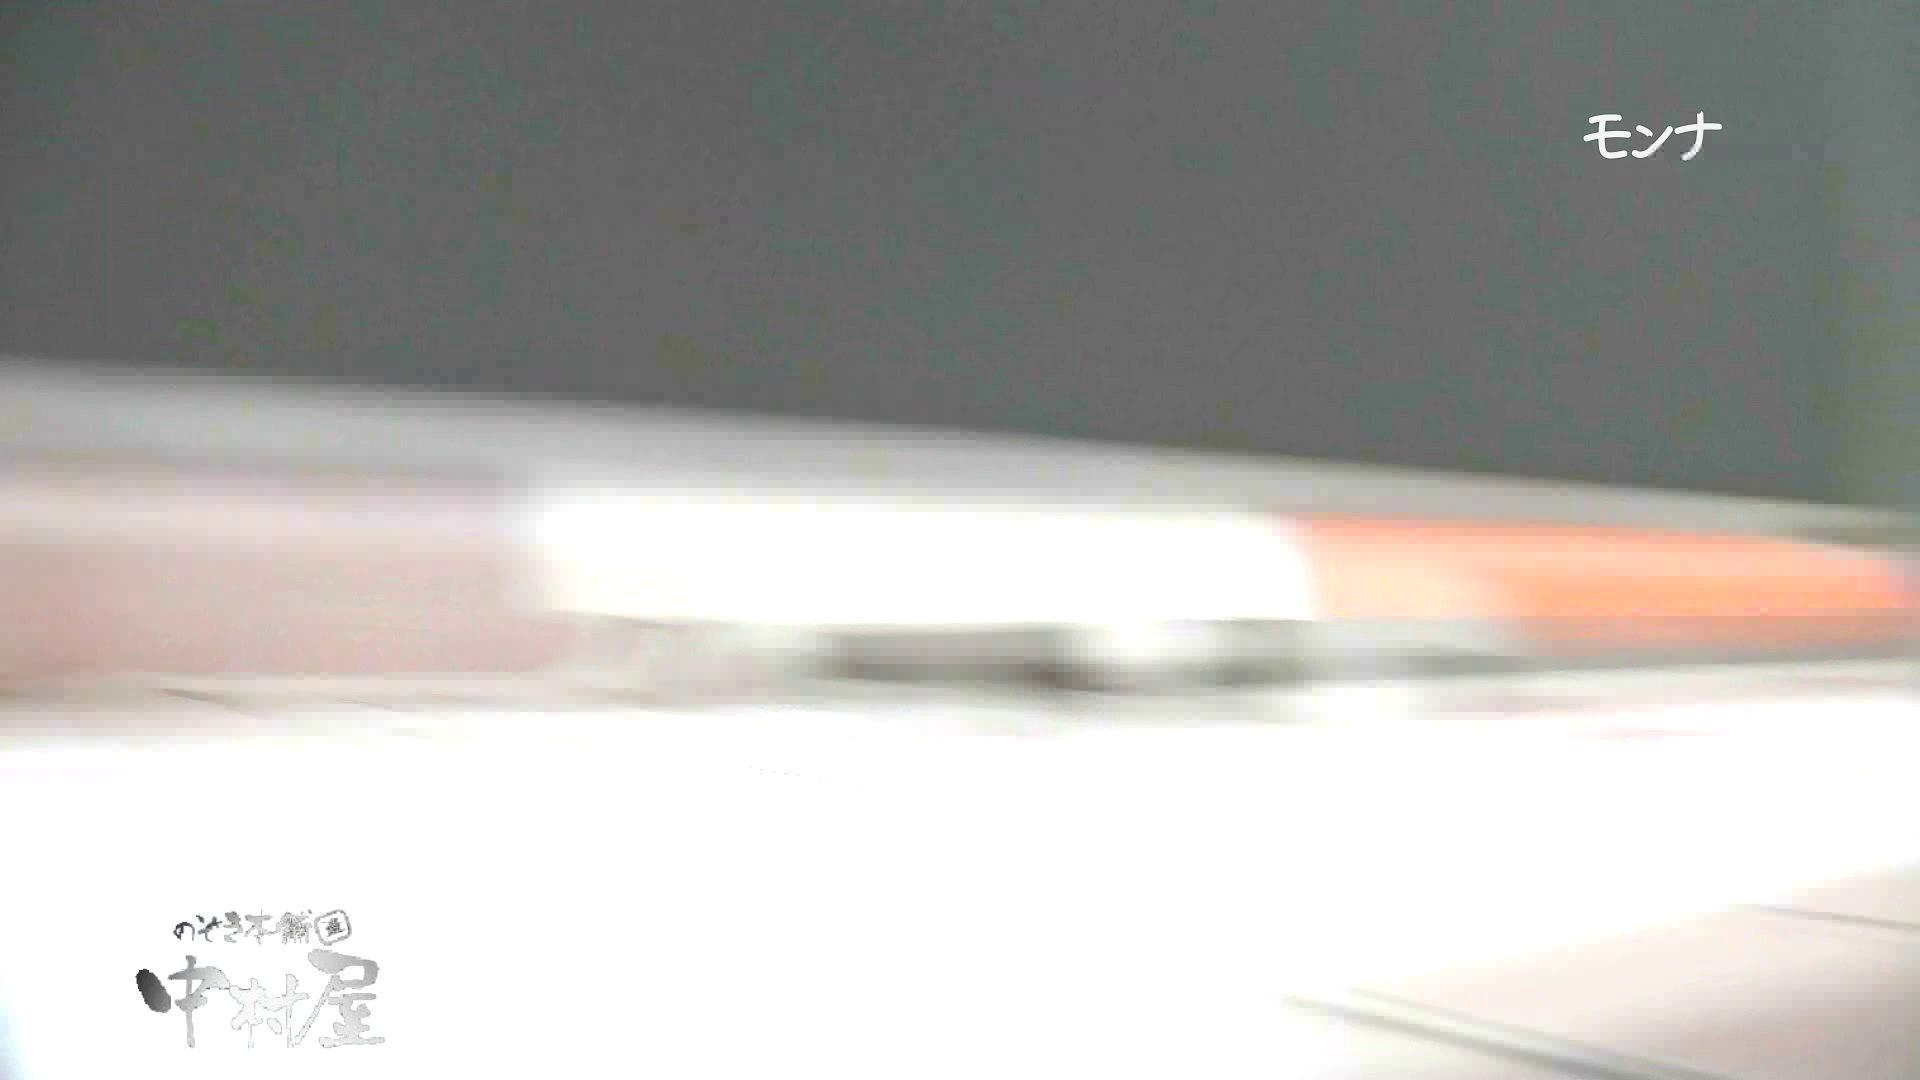 【美しい日本の未来】遂に!!戸田恵梨香似の予告モデル登場ダッシュで「大」後編 モデルのカラダ  12pic 8